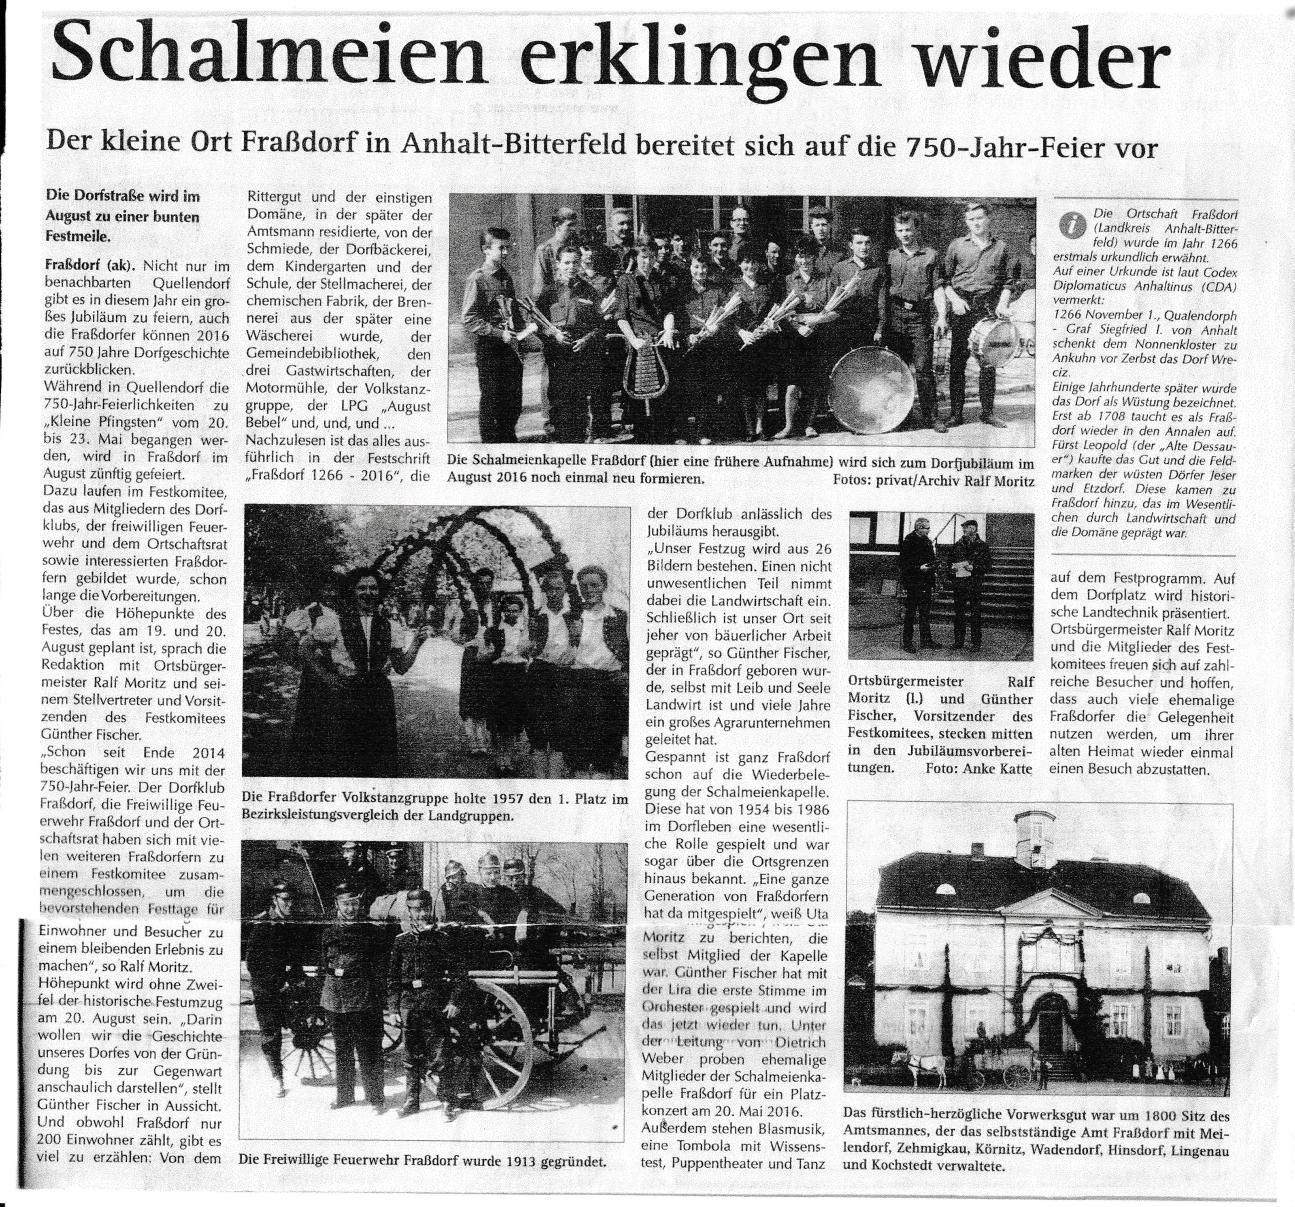 1 Wochenspiegel 11.05.2016 Schalmeien spielen wieder